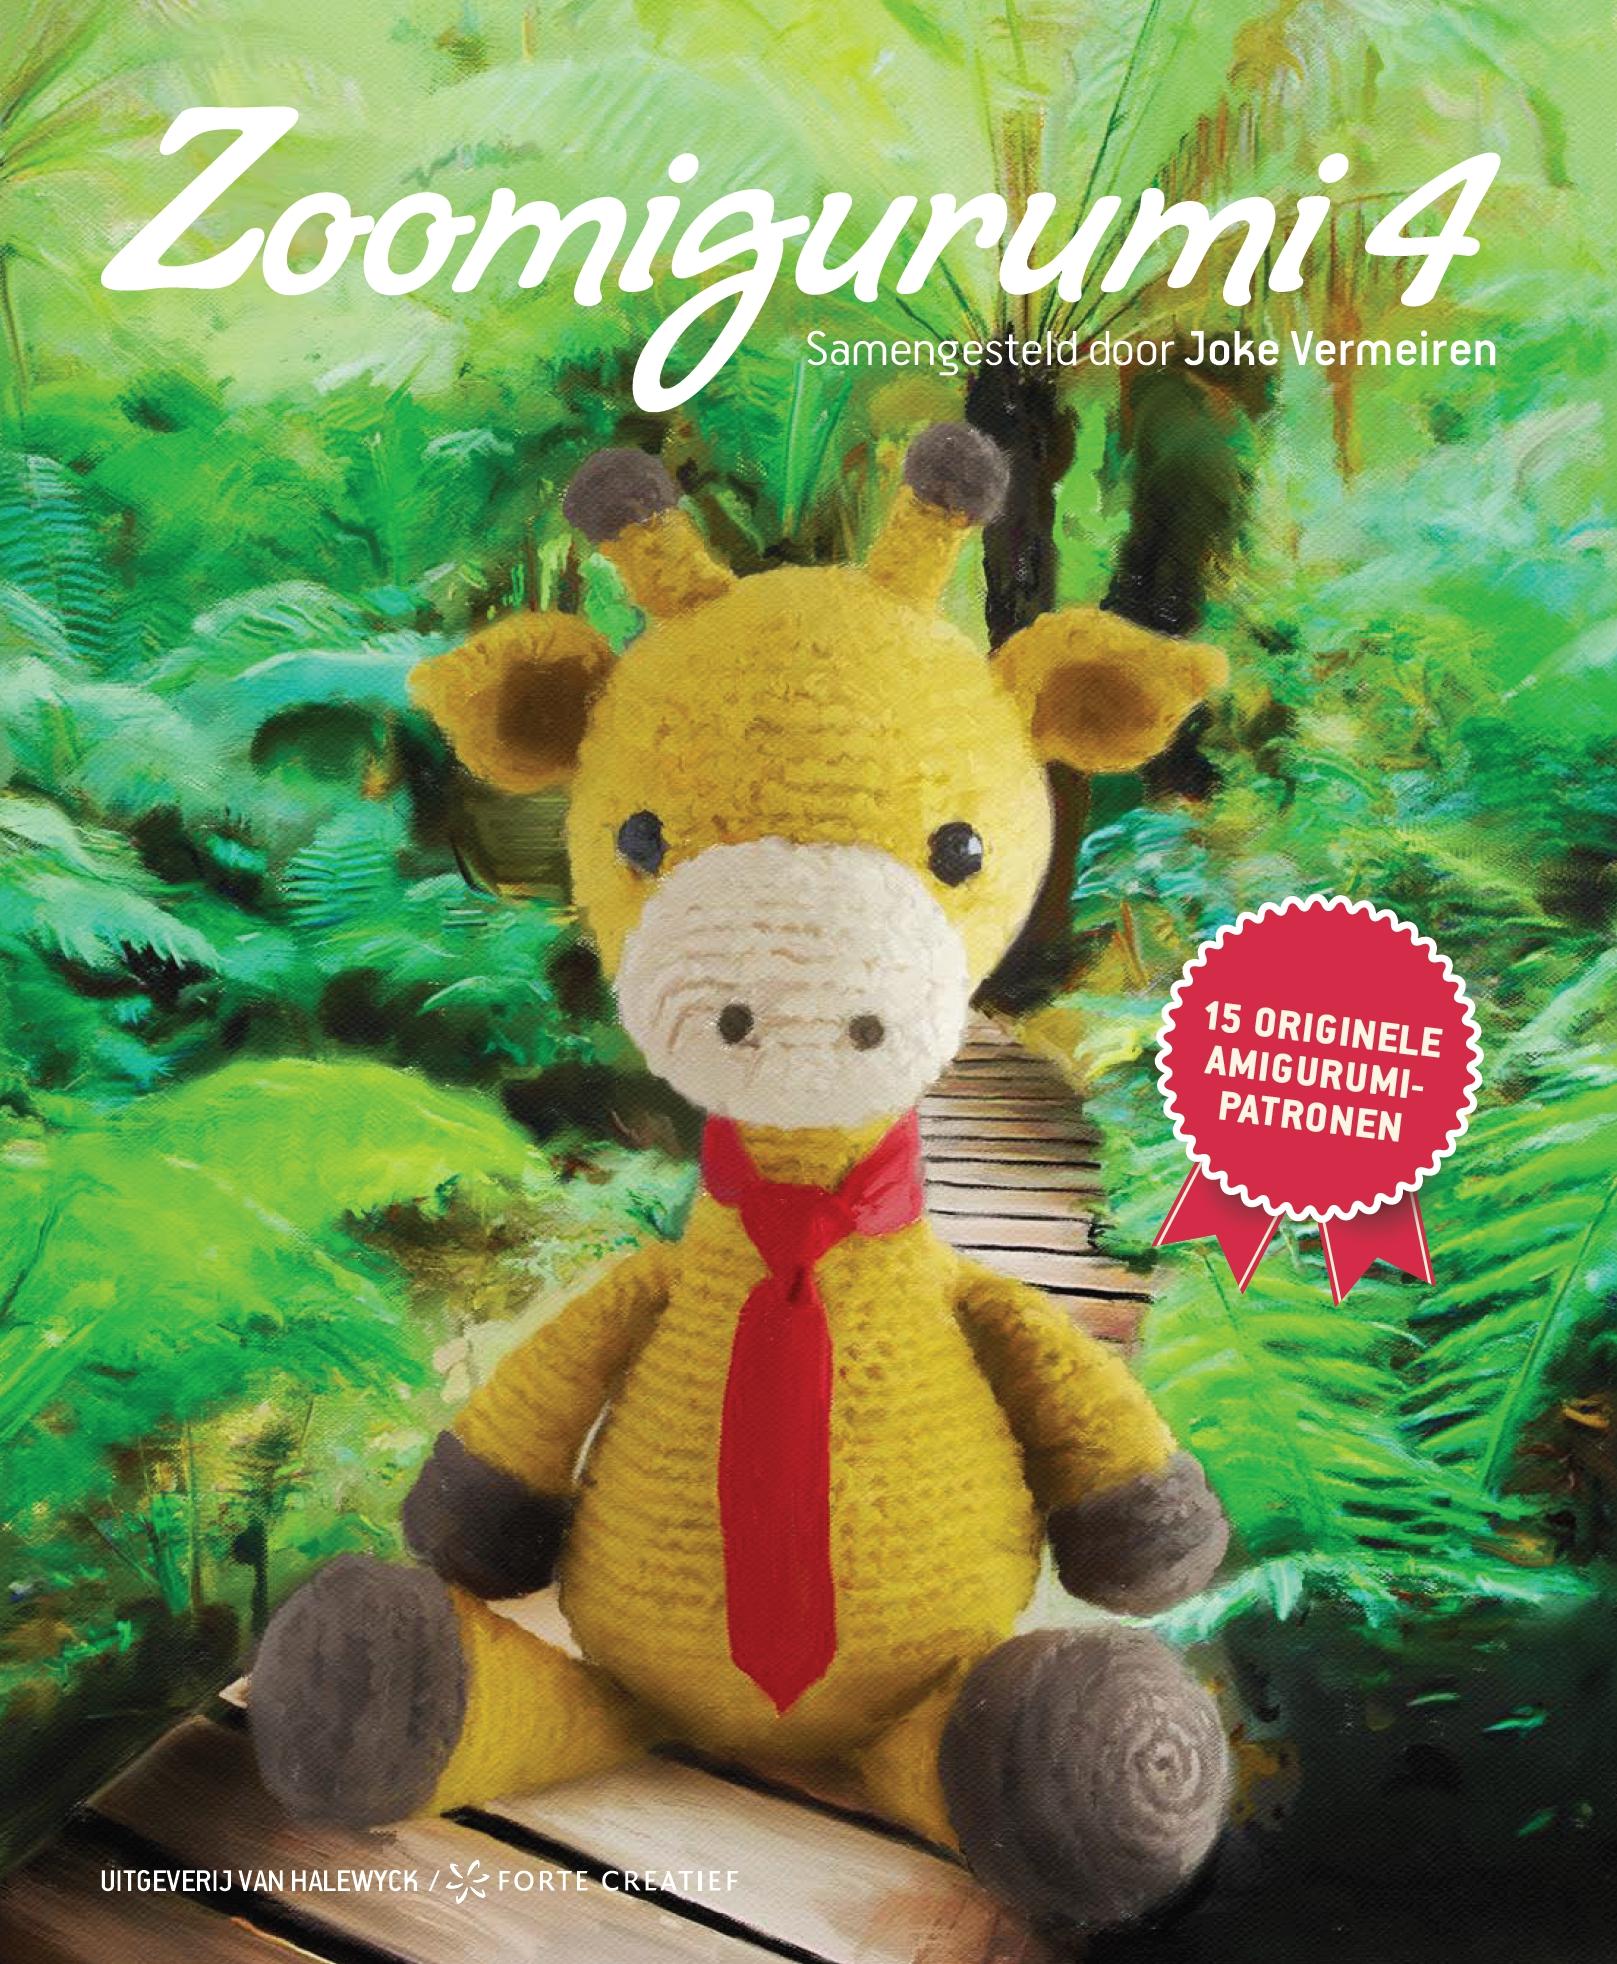 Boek Zoomigurumi 4